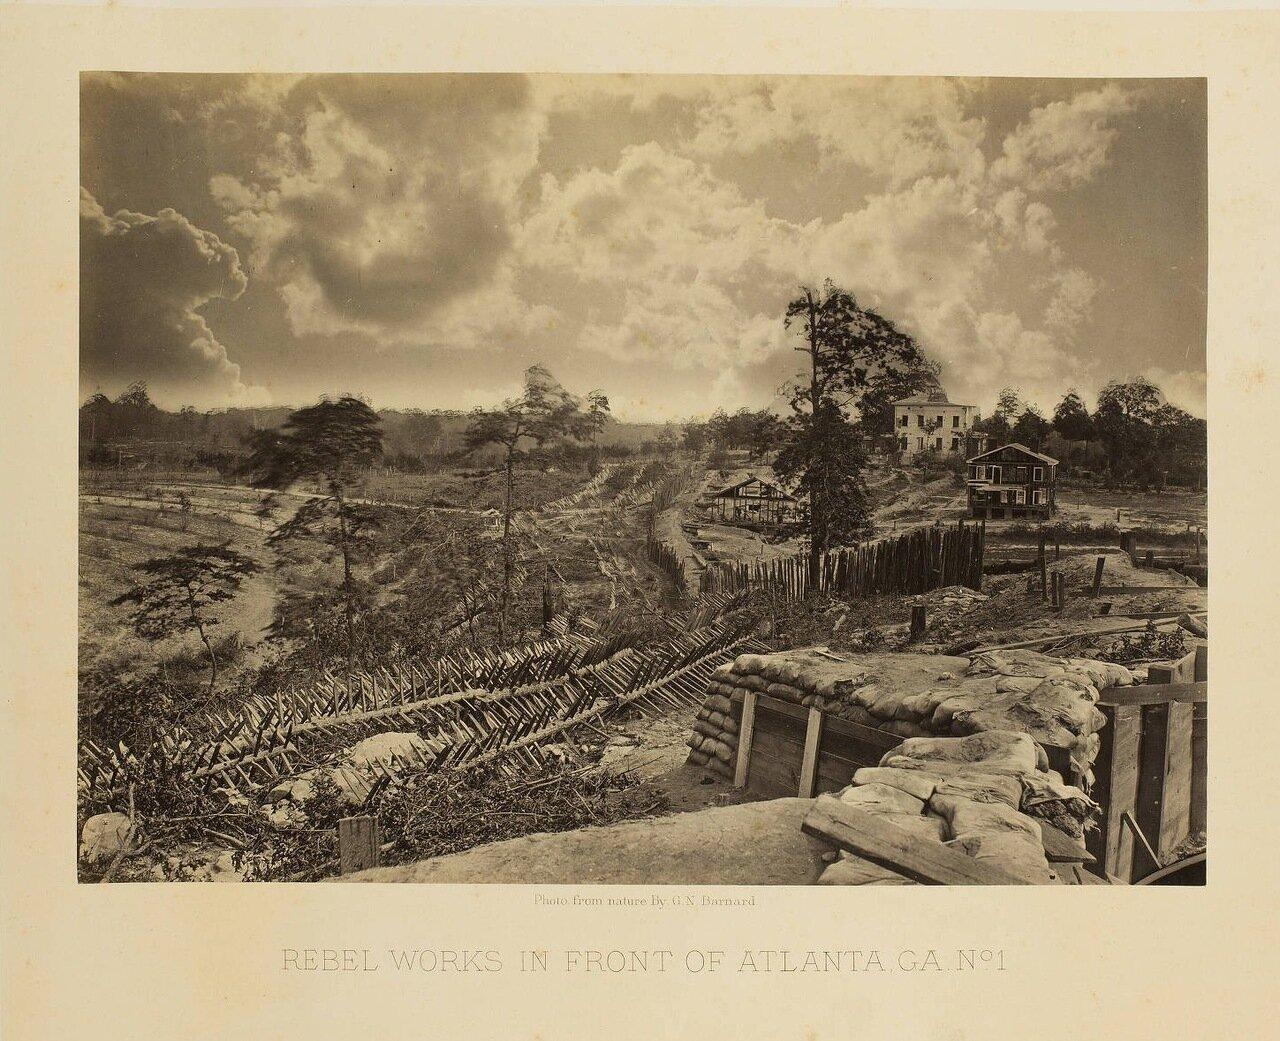 Укрепления южан возле Атланты №1